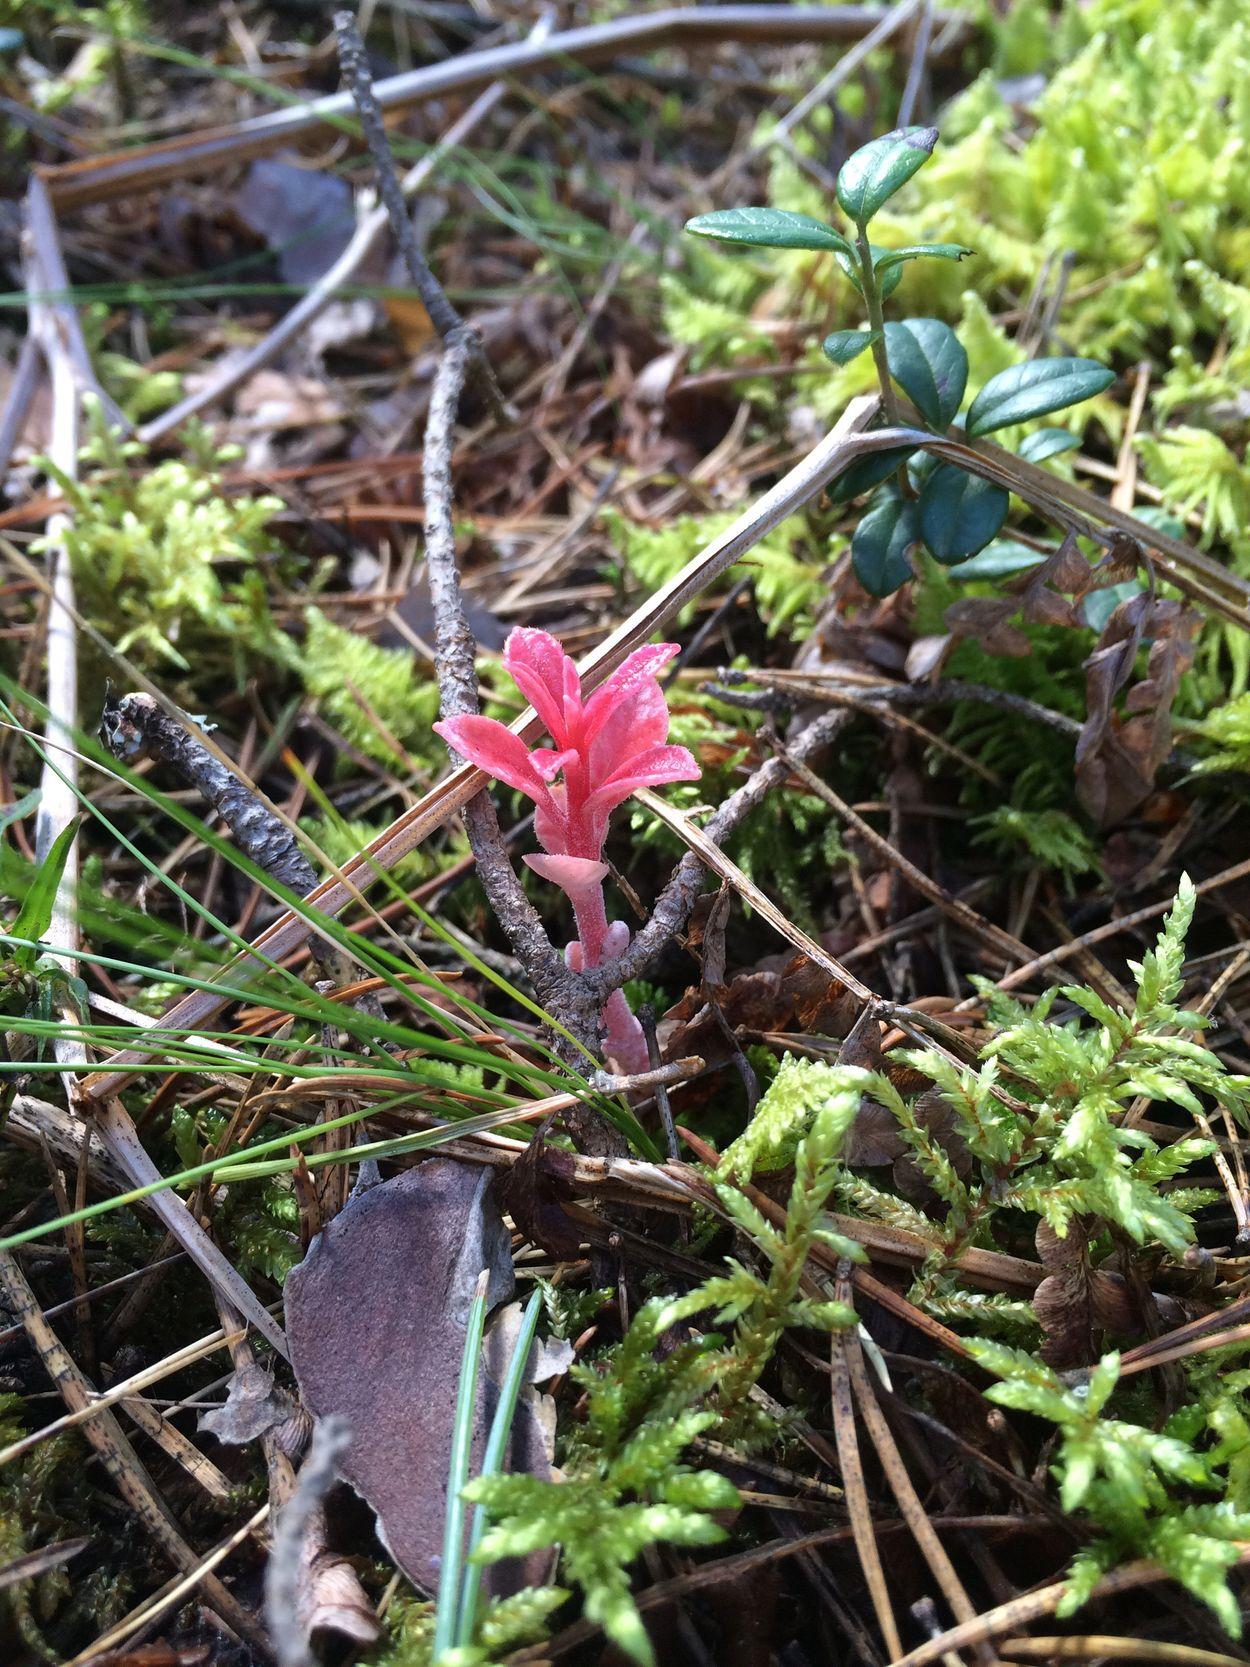 Check This Out Hello World Enjoying Life Colour Of Life цветы цветок  цветы🌸🌼🌻💐🌾🌿 цветочки красиво природароссии красота России Тверская область лето природа и красота Лес лес и природа